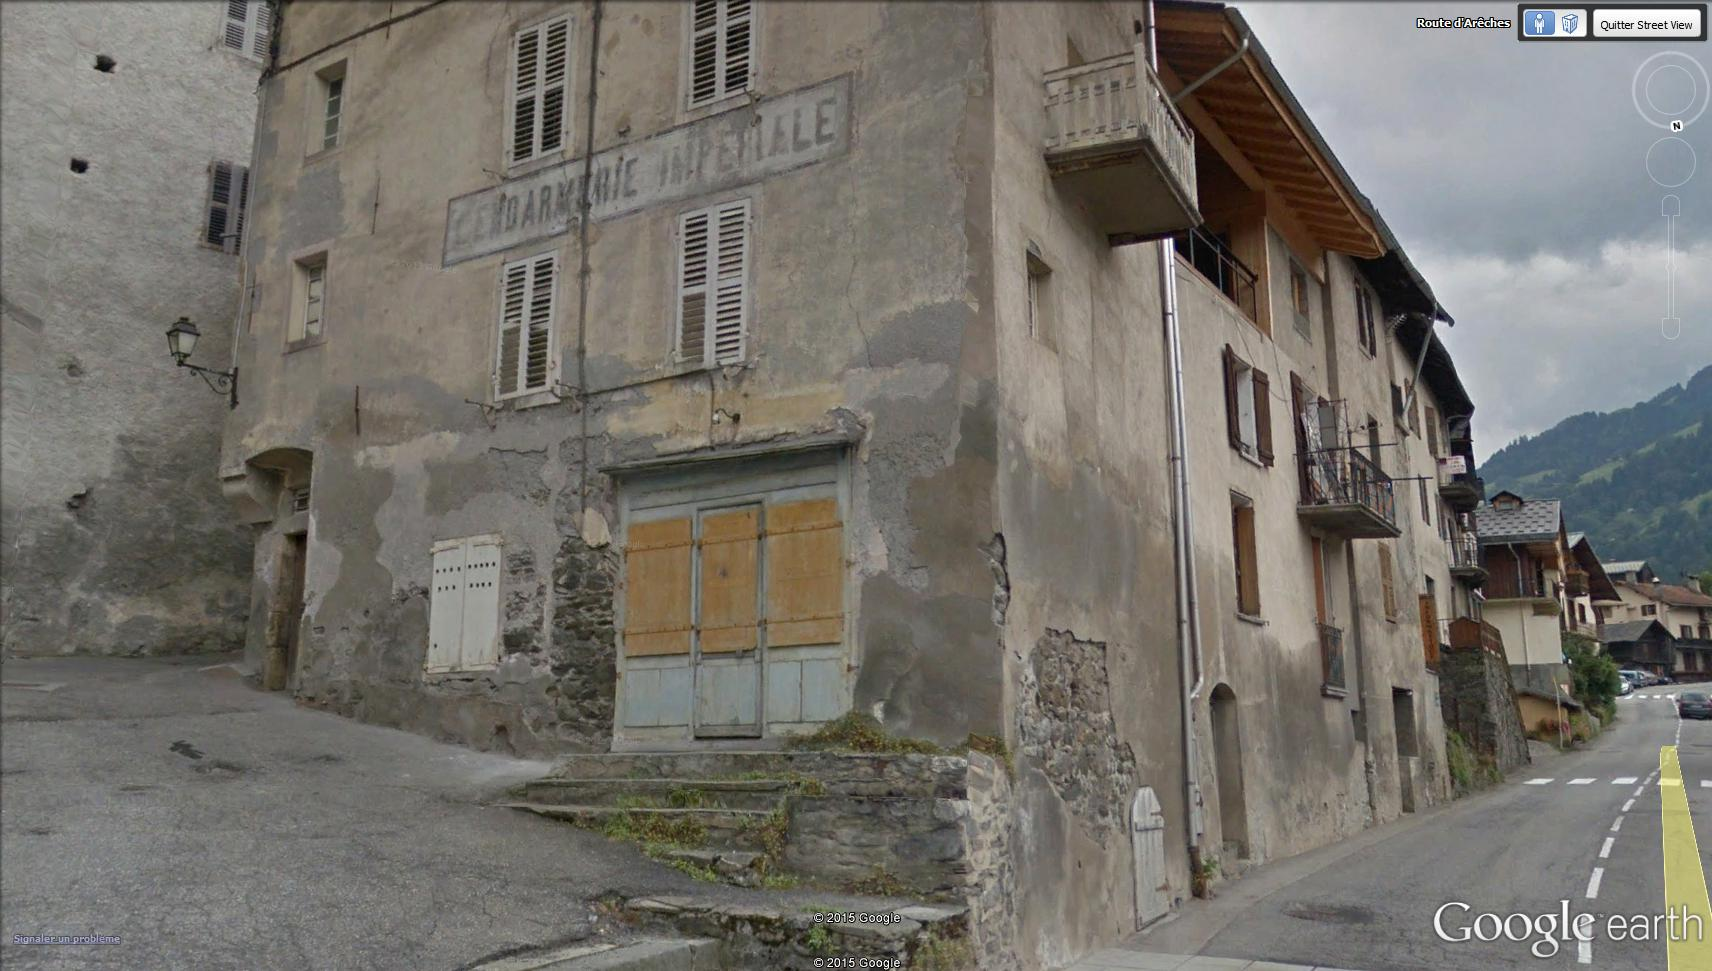 La gendarmerie impériale de Beaufort-sur-Doron (Savoie) Gendar11